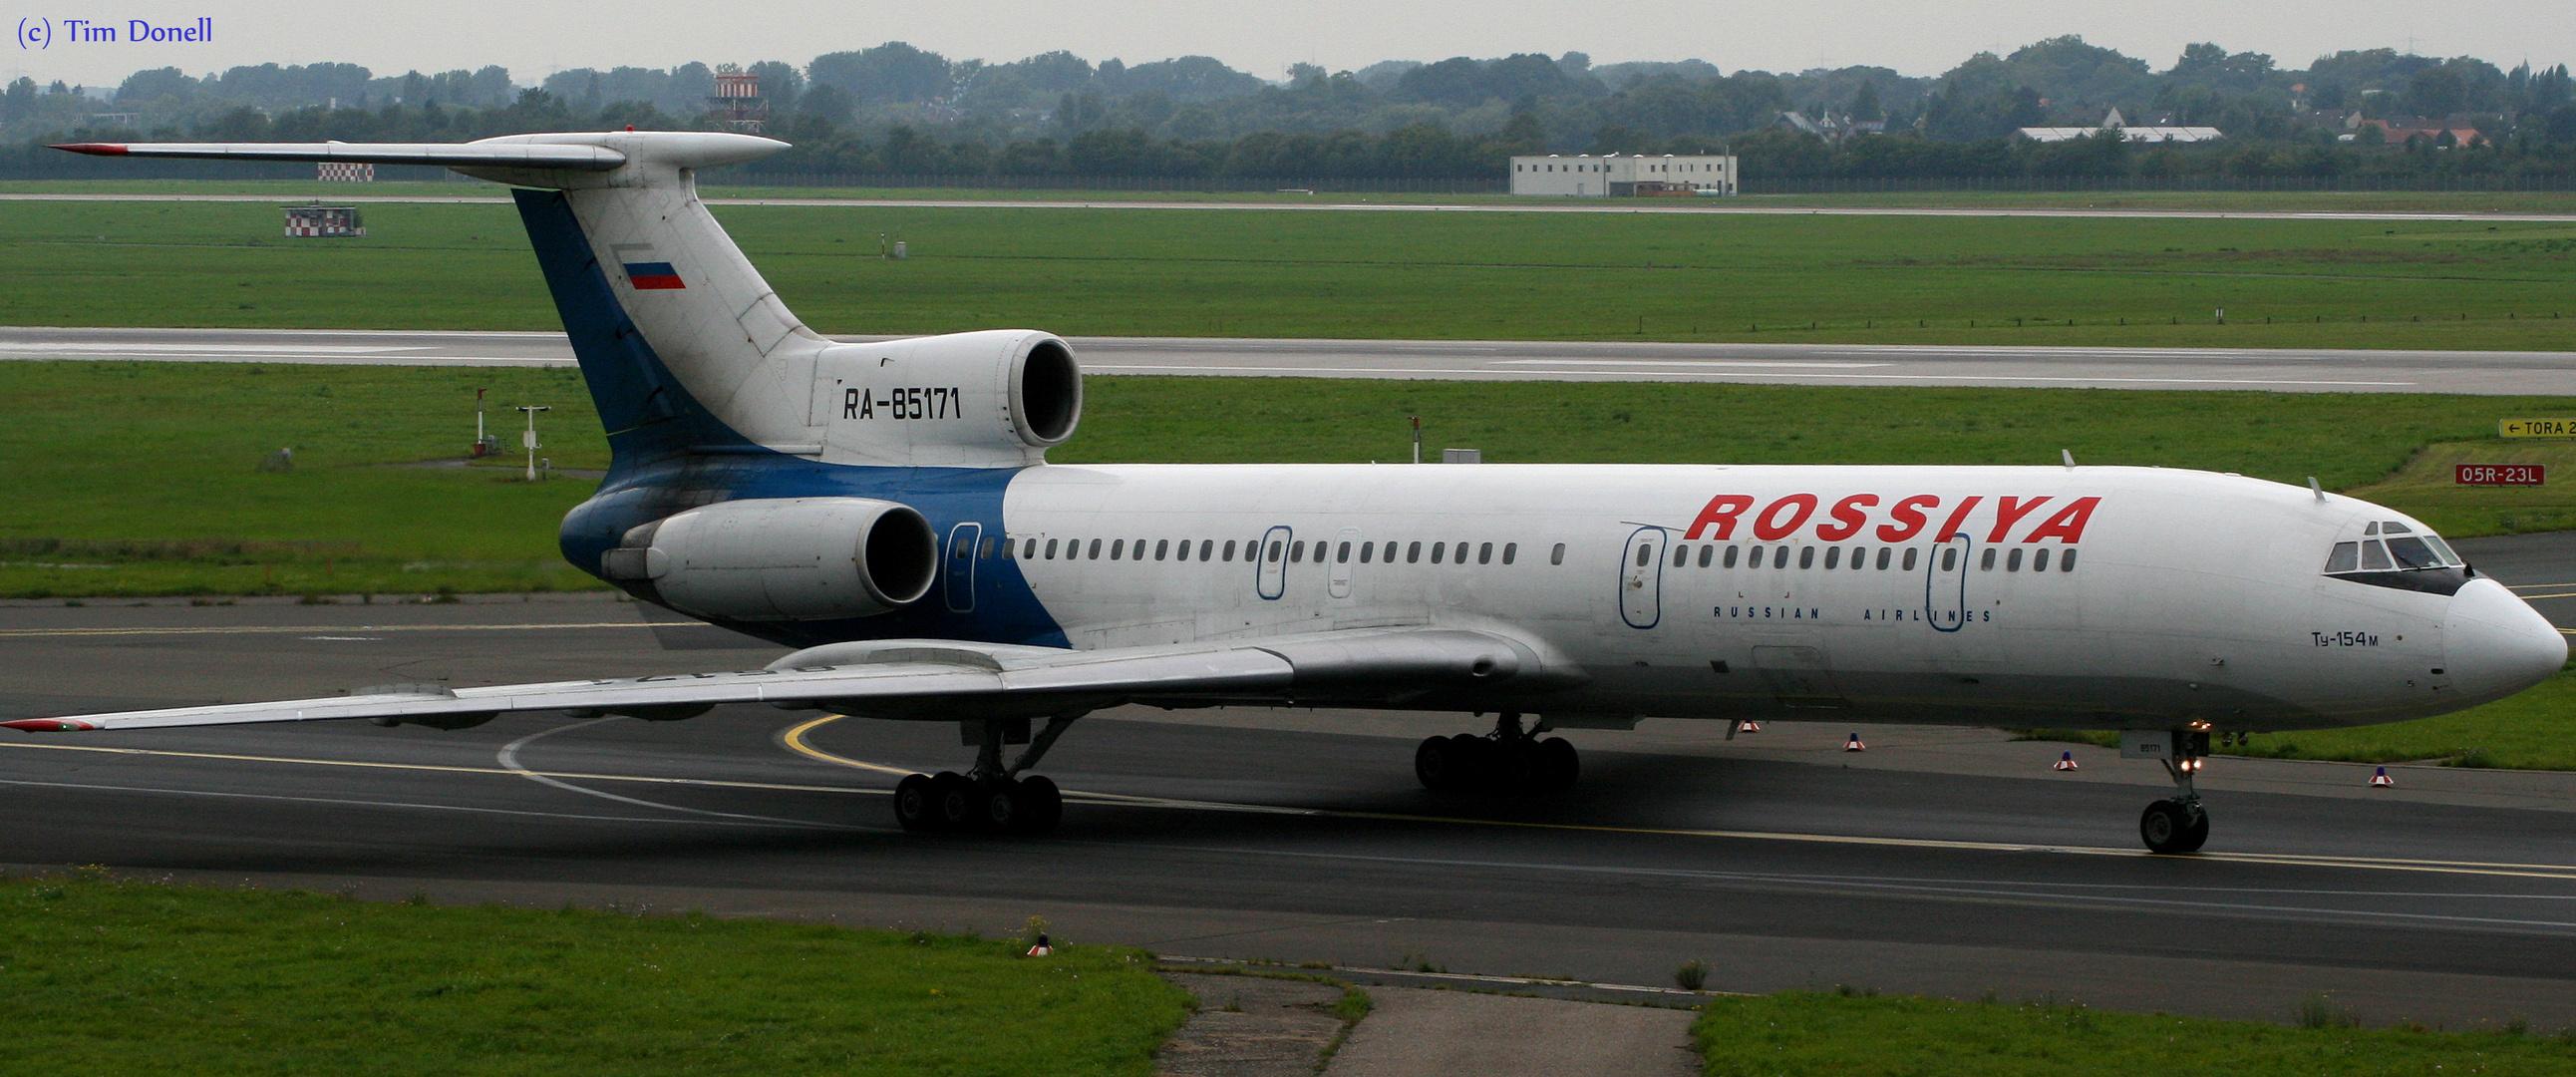 Tupolev Tu-154M Rossiya (RA-85171)